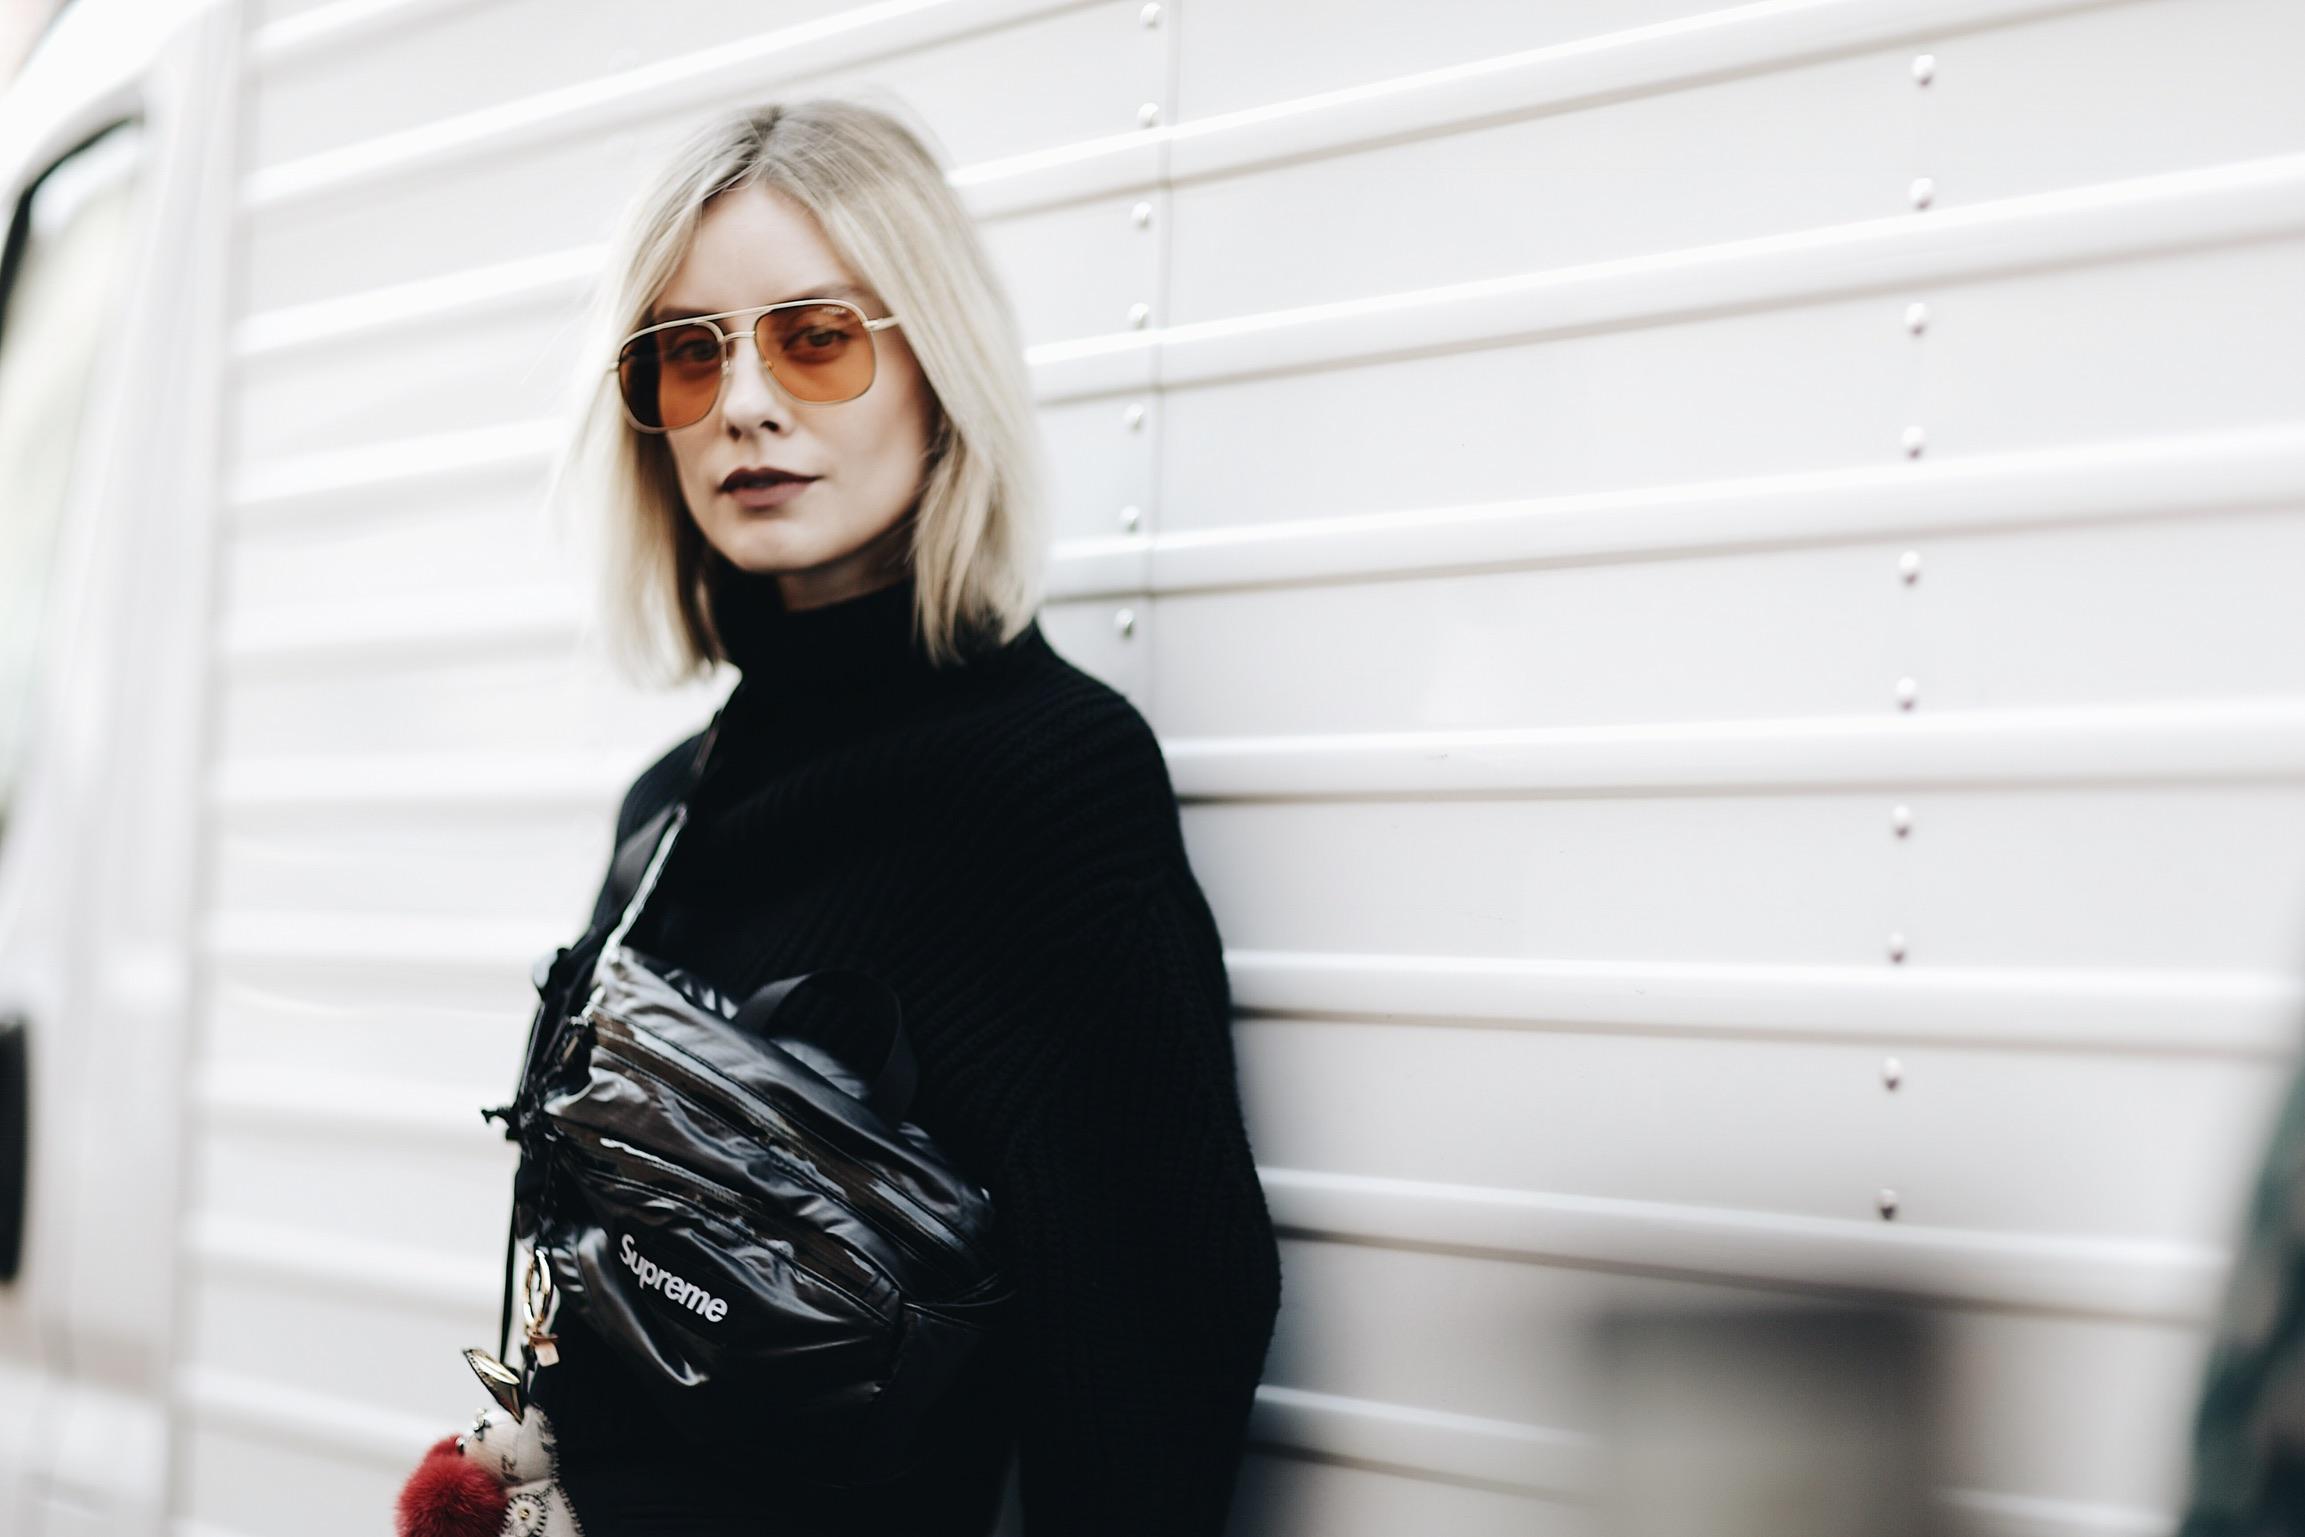 fashion-week-2018-mailand-constant-evolution-digitalagentur-blog.jpg